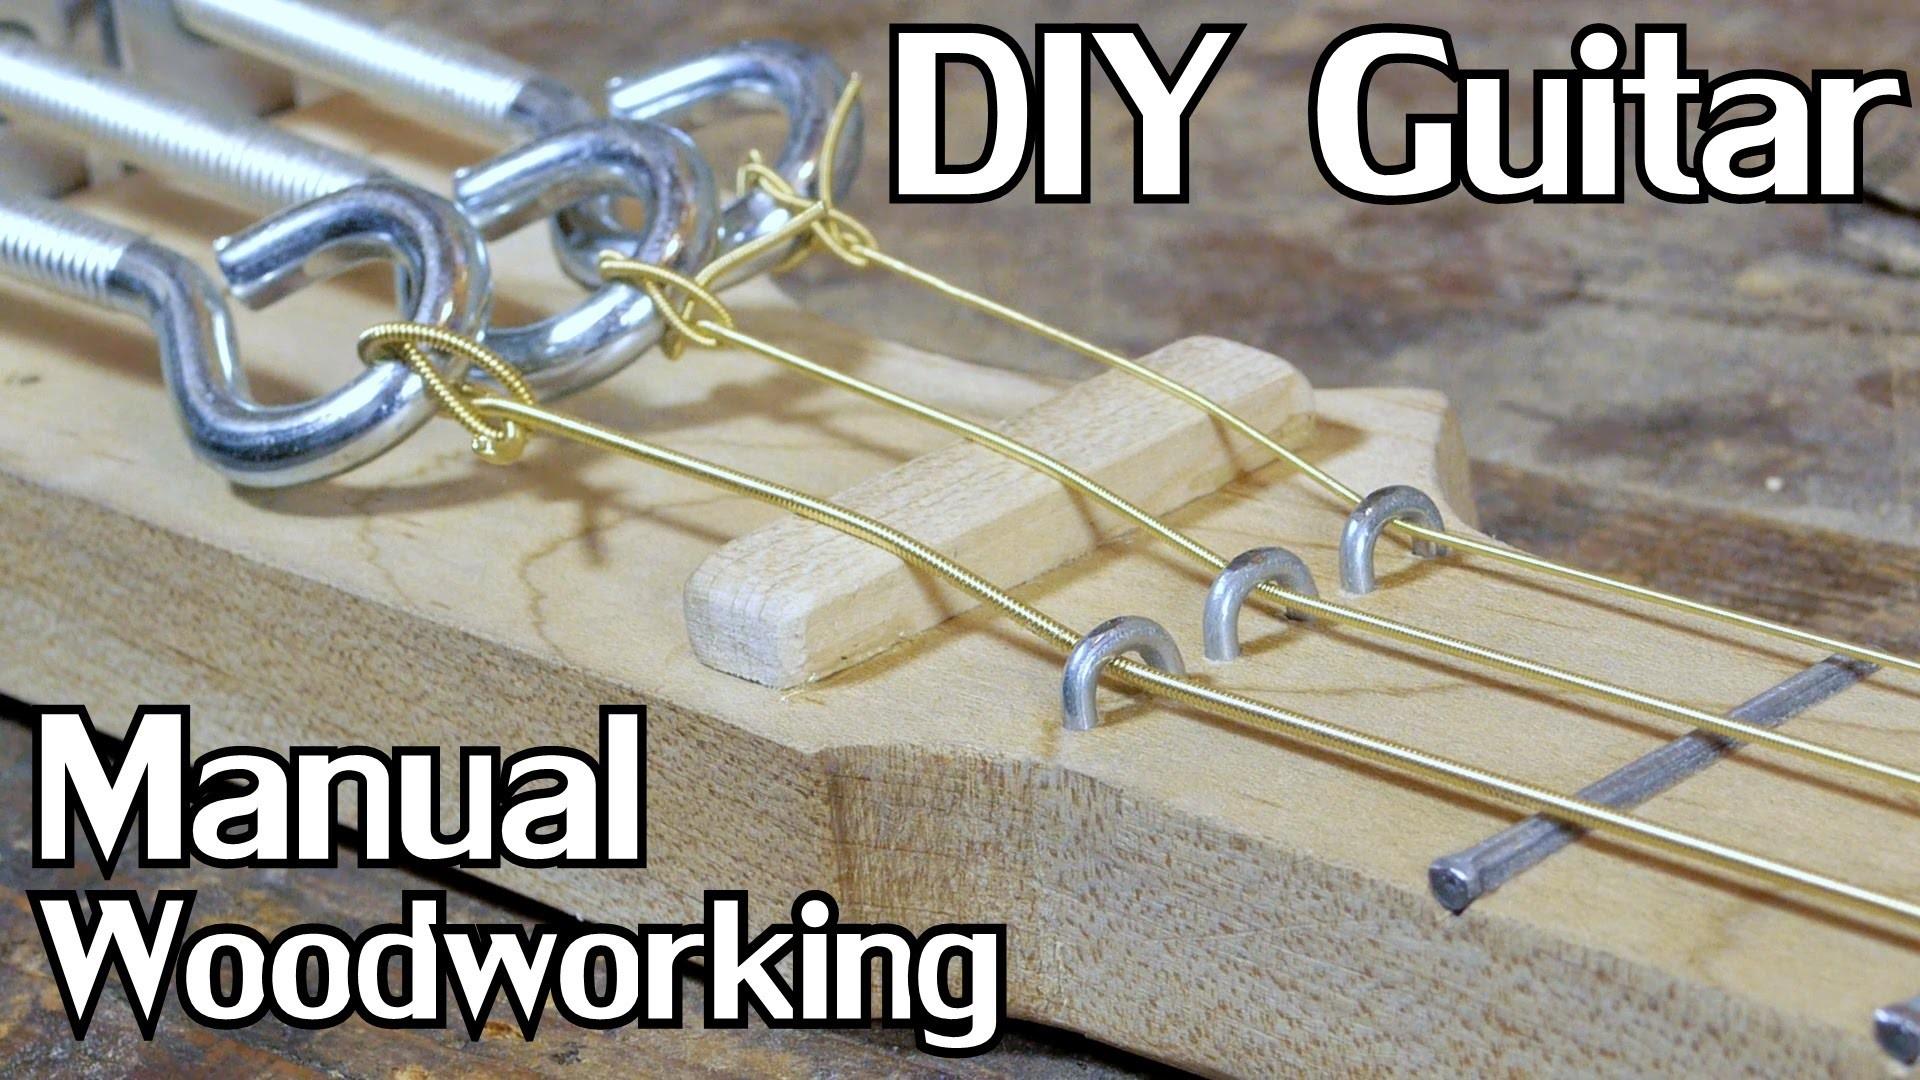 Extended Cut: Building a Cigar Box Guitar w.Hand Tools [No Dialogue]